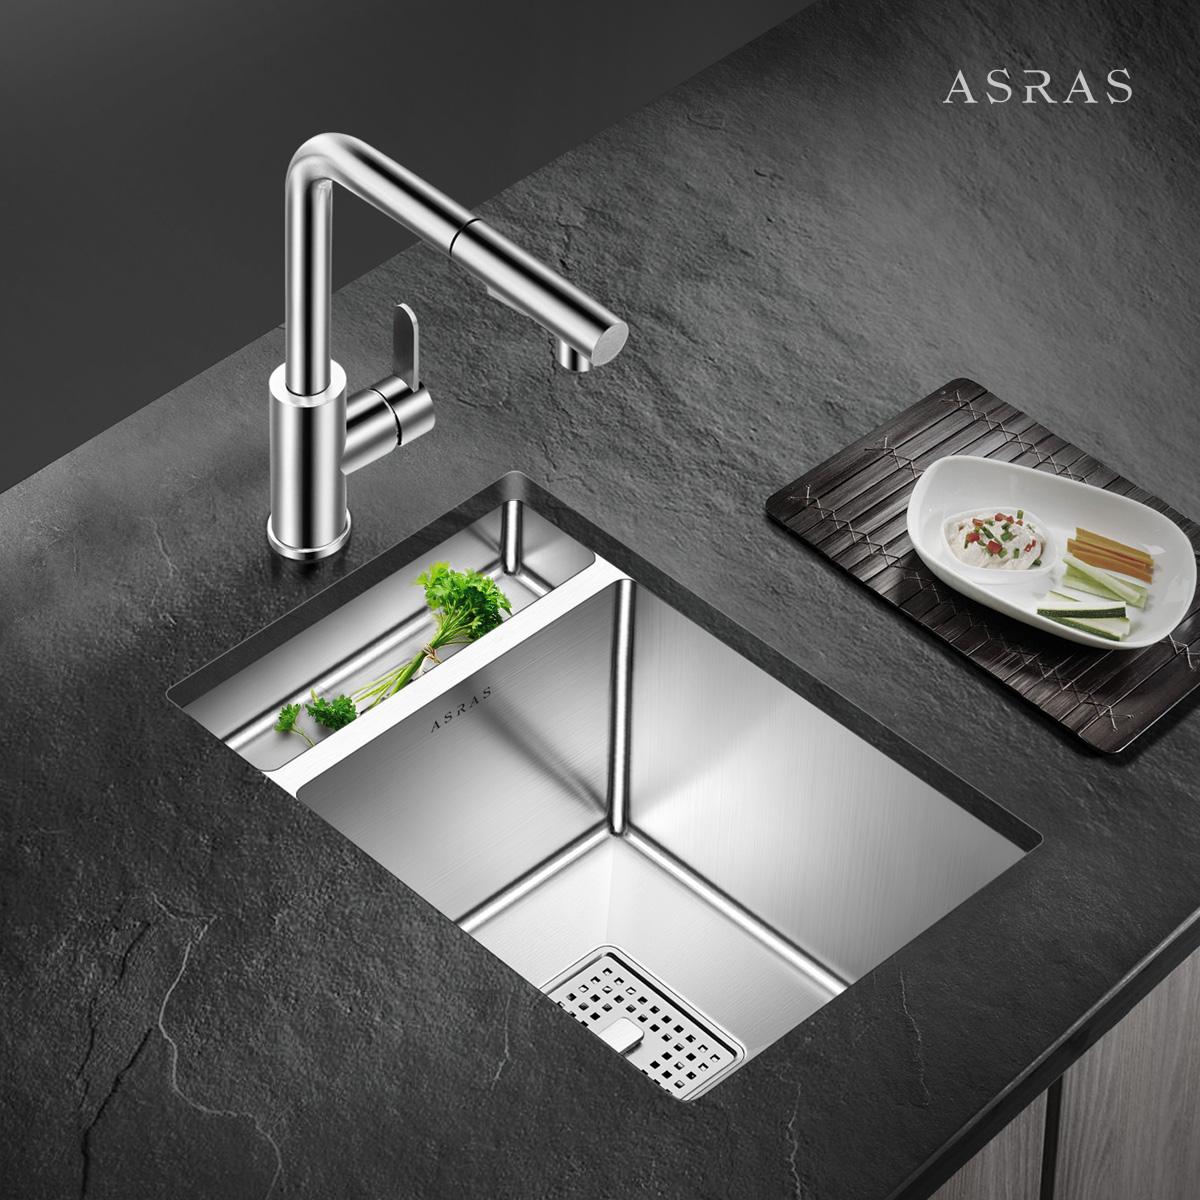 不锈钢手工水槽套餐洗菜盆茶水间吧台阳台单槽小水槽盆 304 阿萨斯